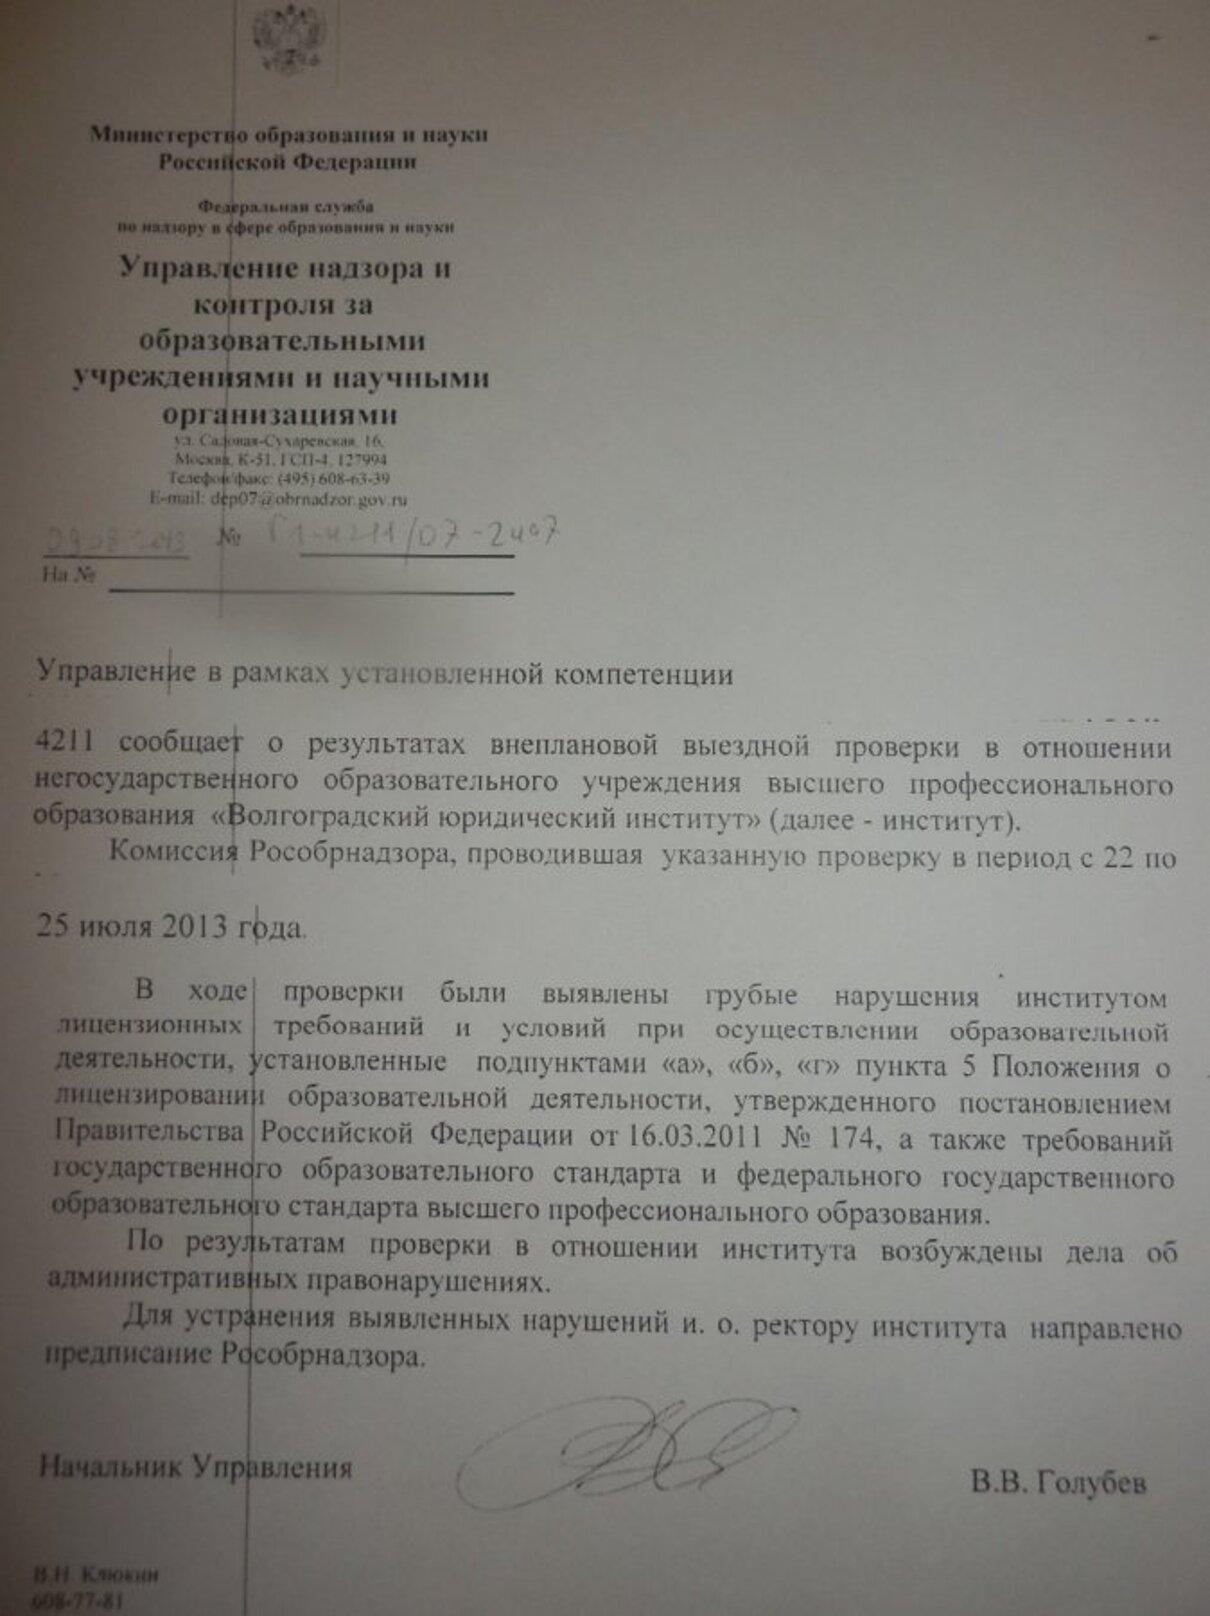 Жалоба-отзыв: НОУ ВПО Волгоградский юридический институт - Задайте вопрос руководству самостоятельно.